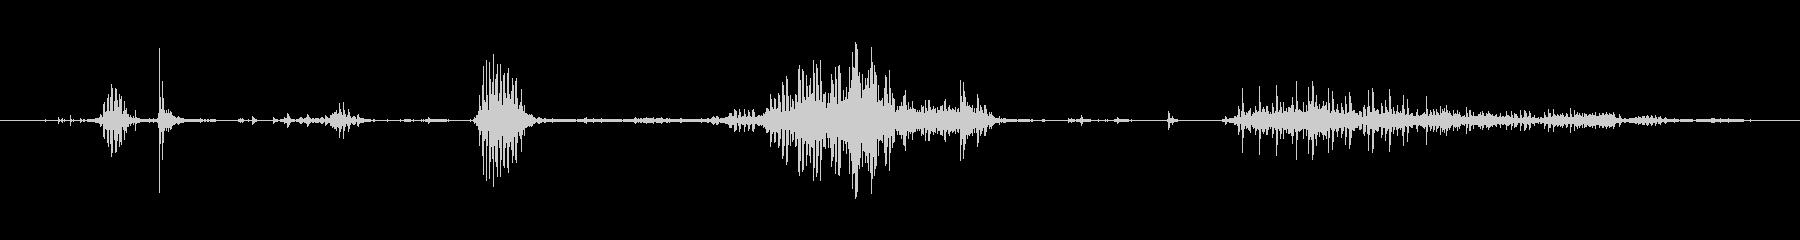 犬 チワワスナールファイトソフト04の未再生の波形